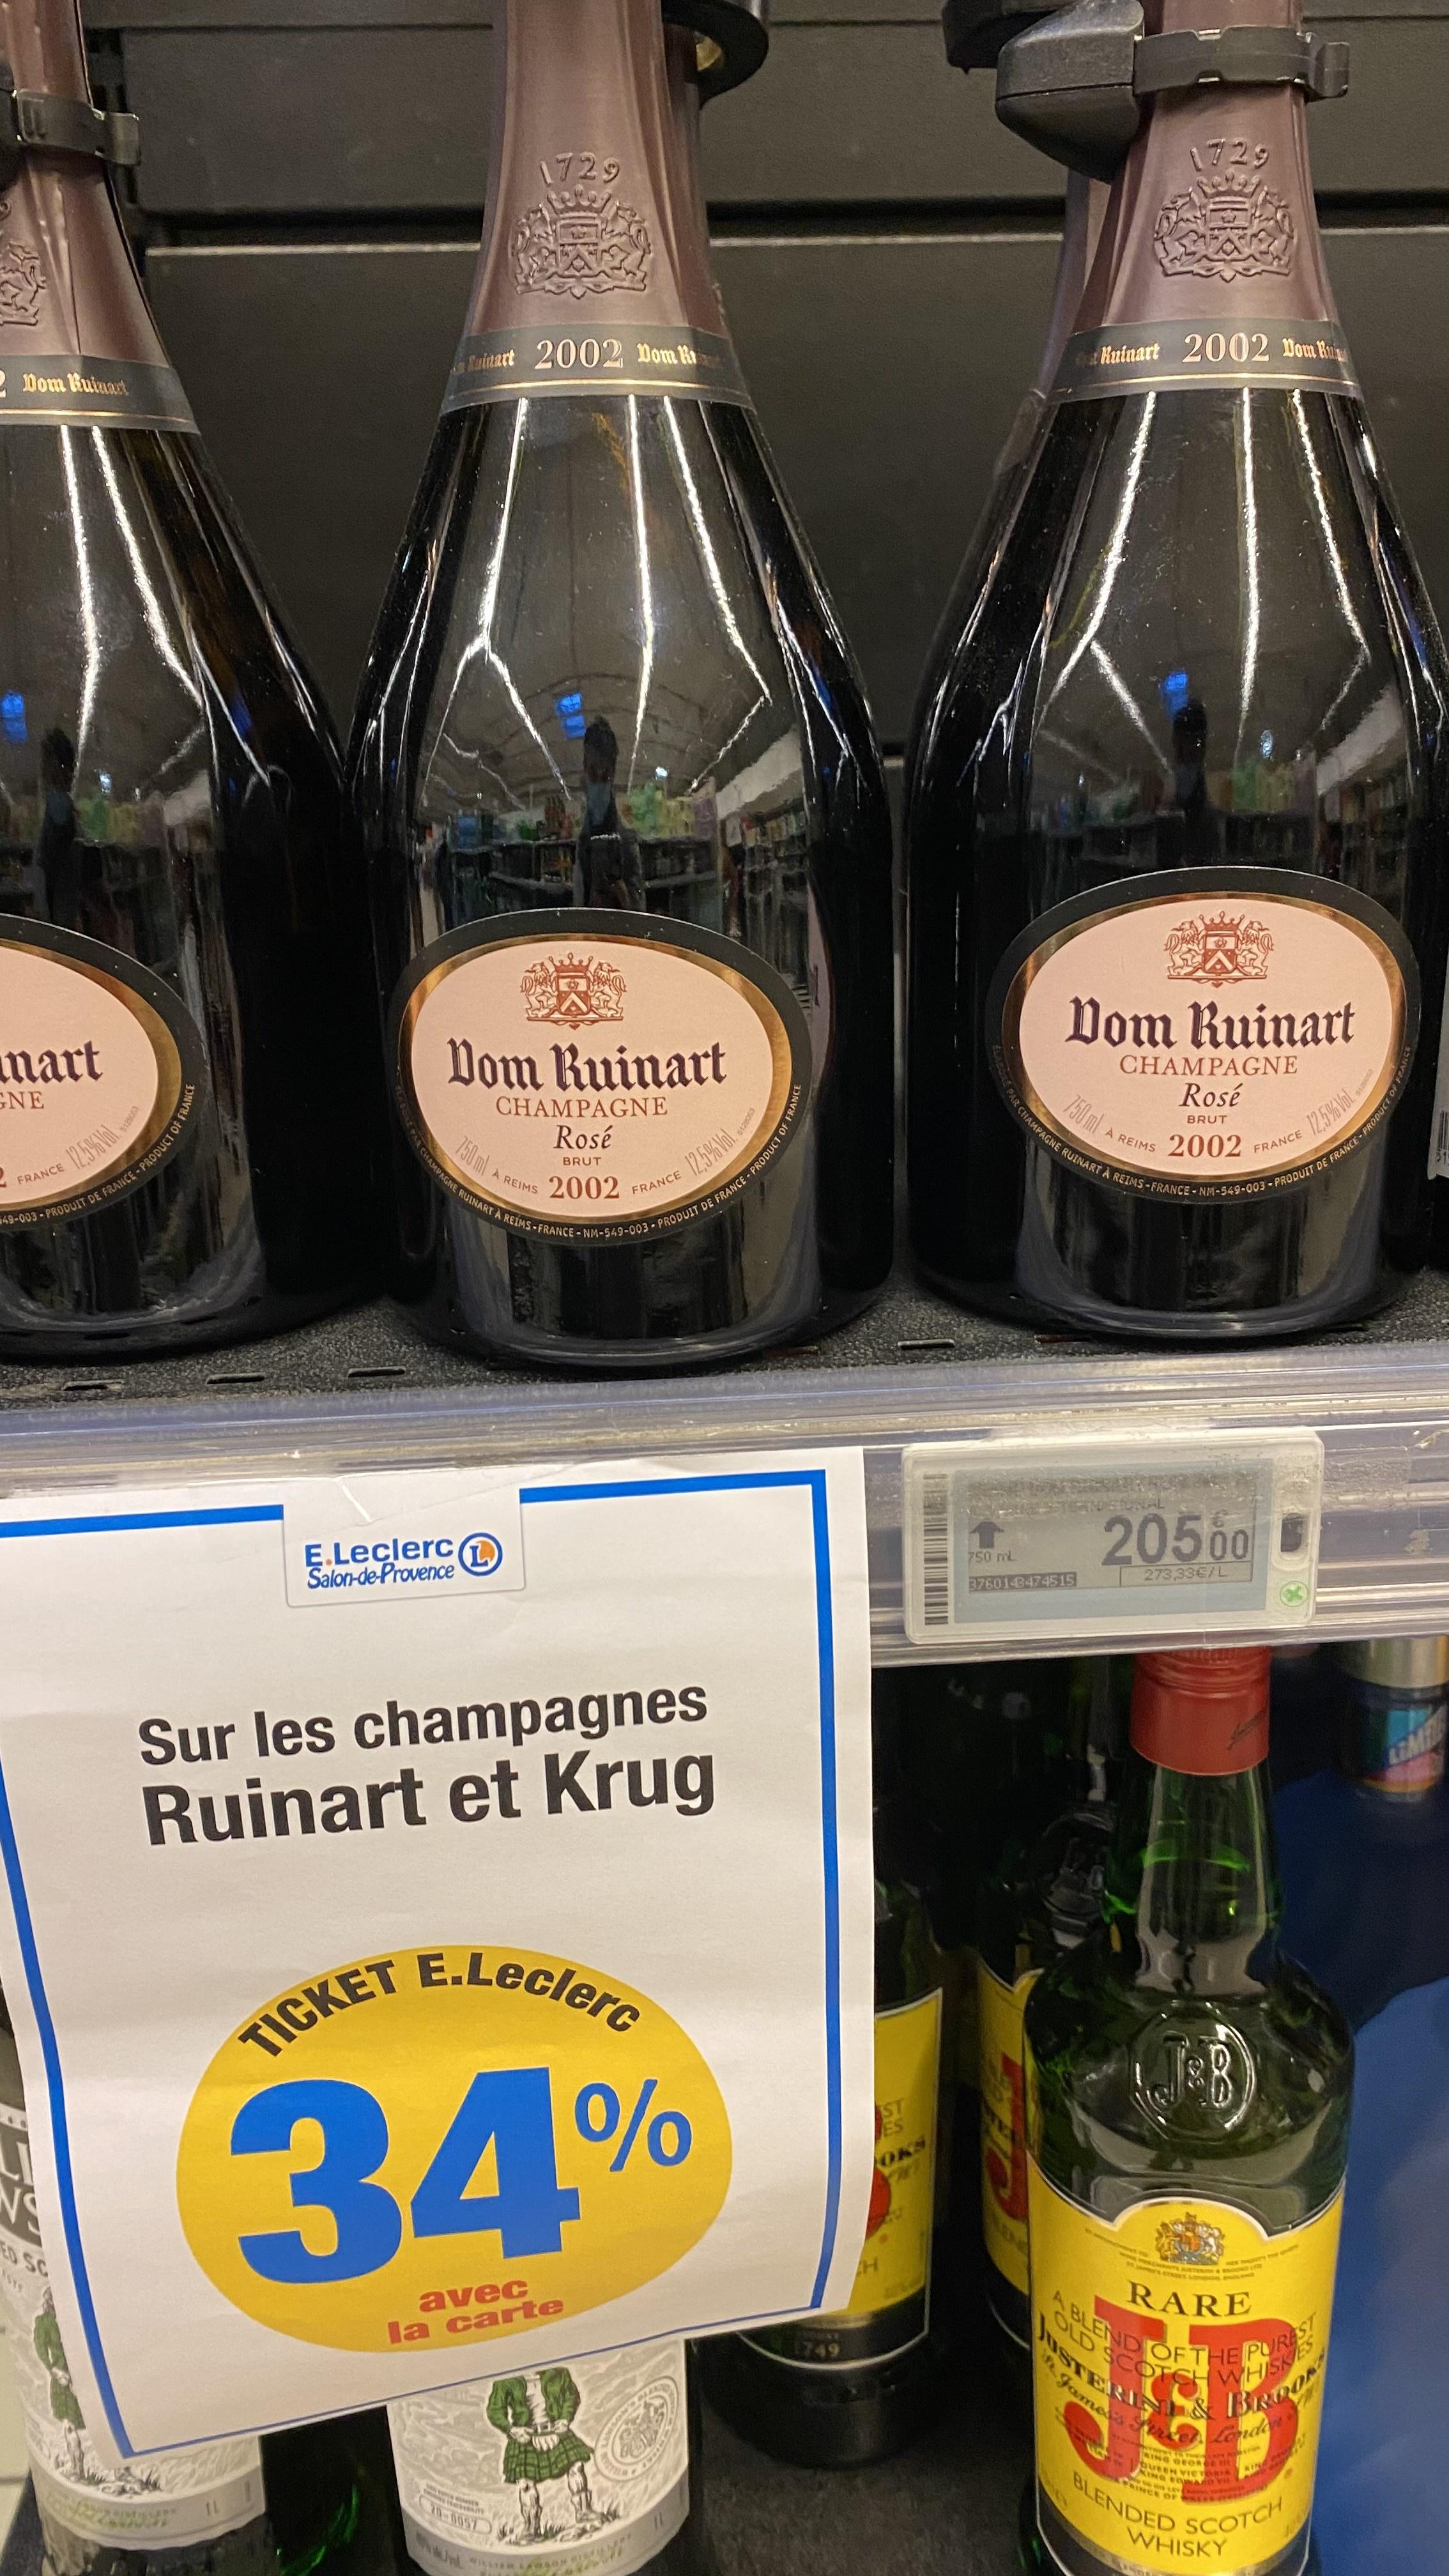 34% de réduction les champagnes Ruinart et Krug (Via cagnottage sur la carte de fidélité) - Salon de Provence (13)